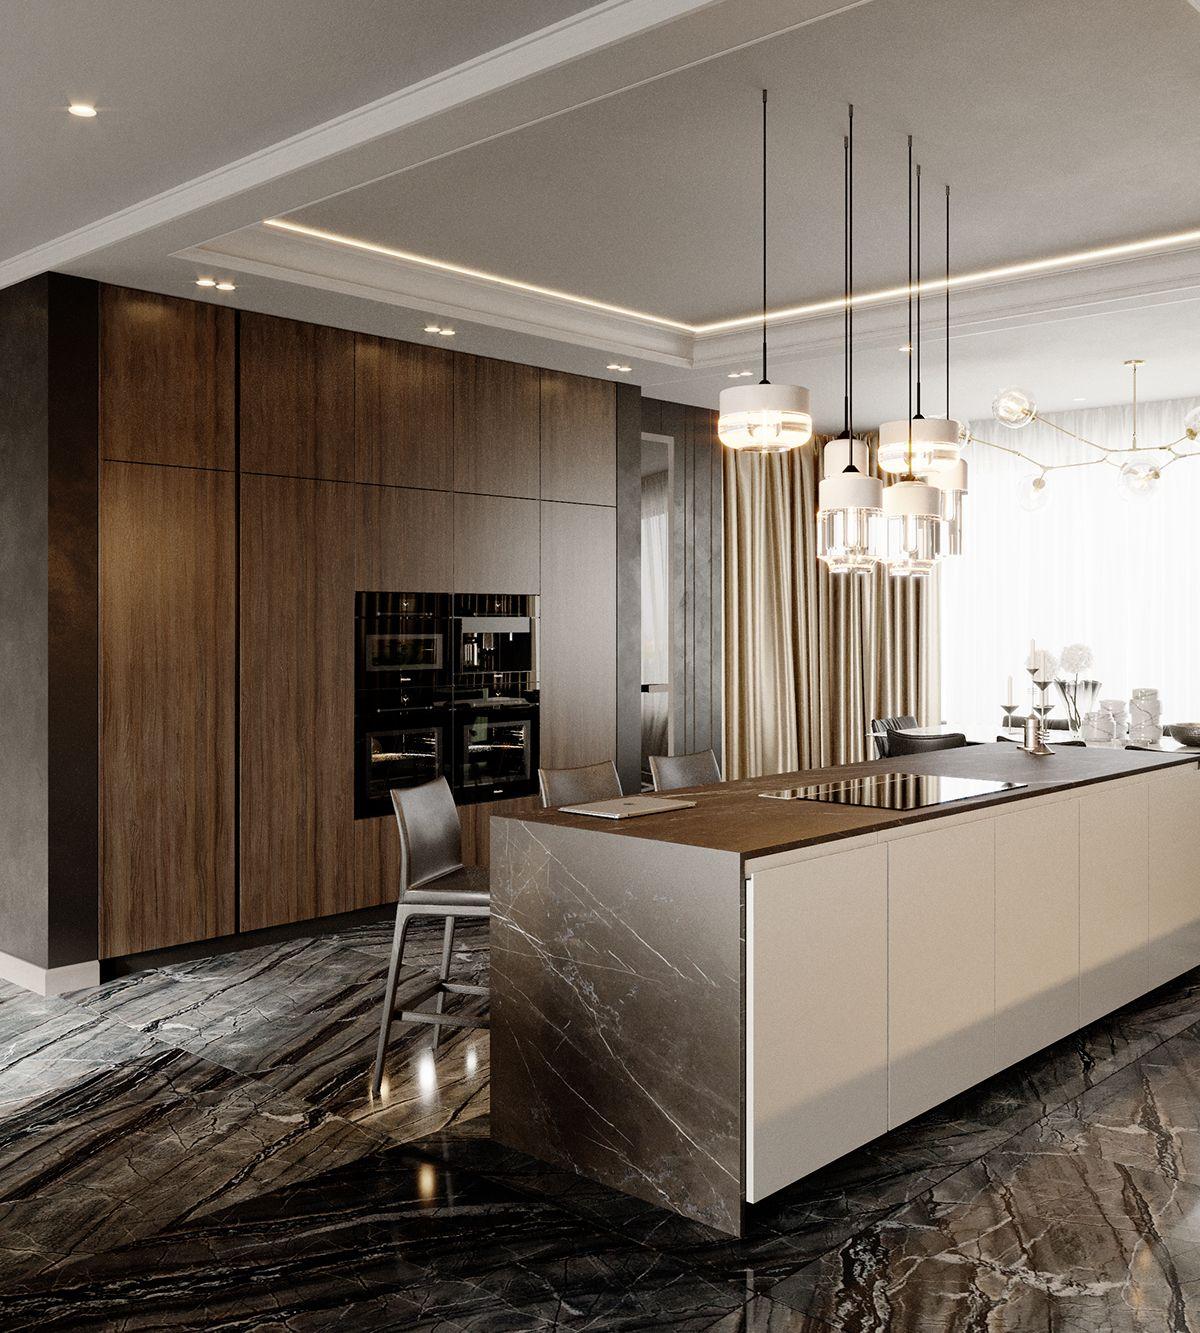 Future Interior Luxury Design: 室 - / 餐廚 . 中島 / Kitchen。 In